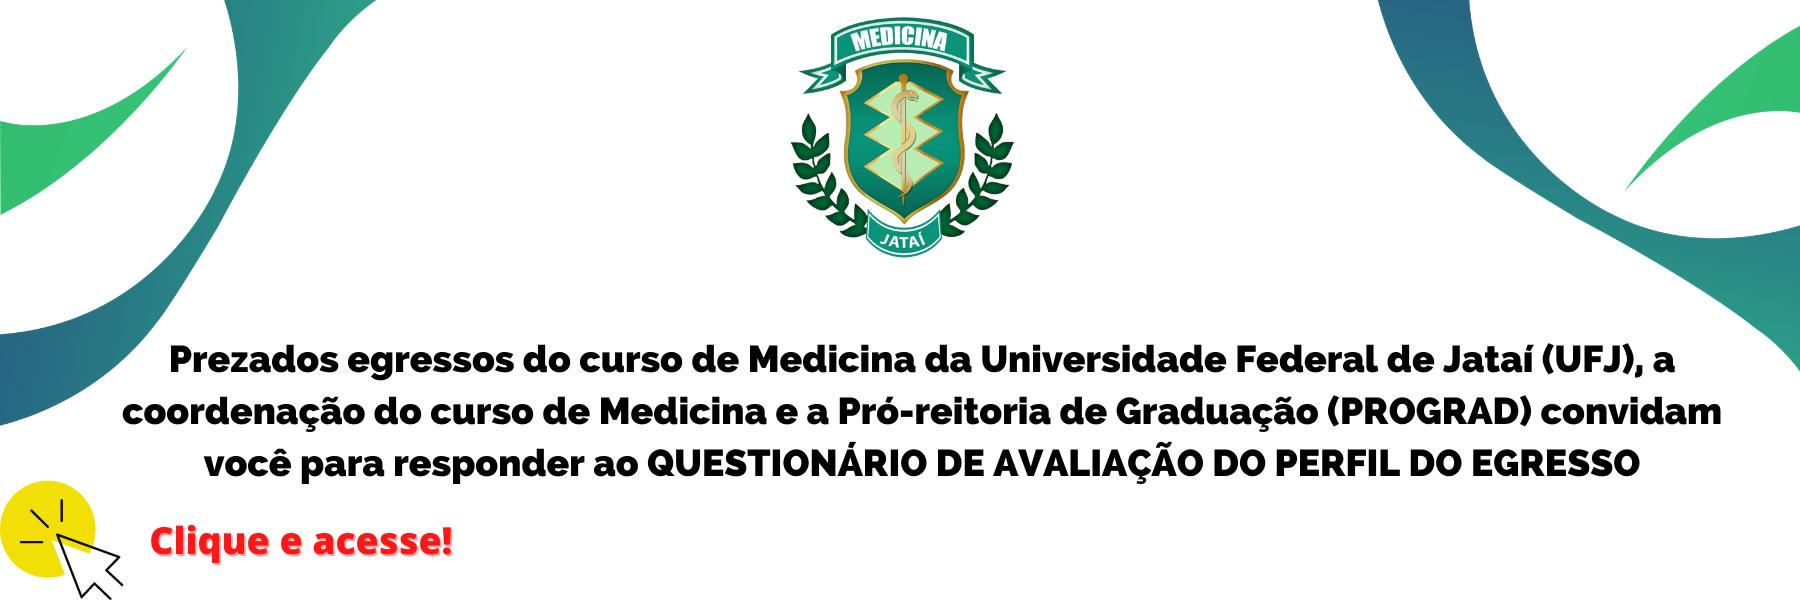 QUESTIONÁRIO DE AVALIAÇÃO DO PERFIL